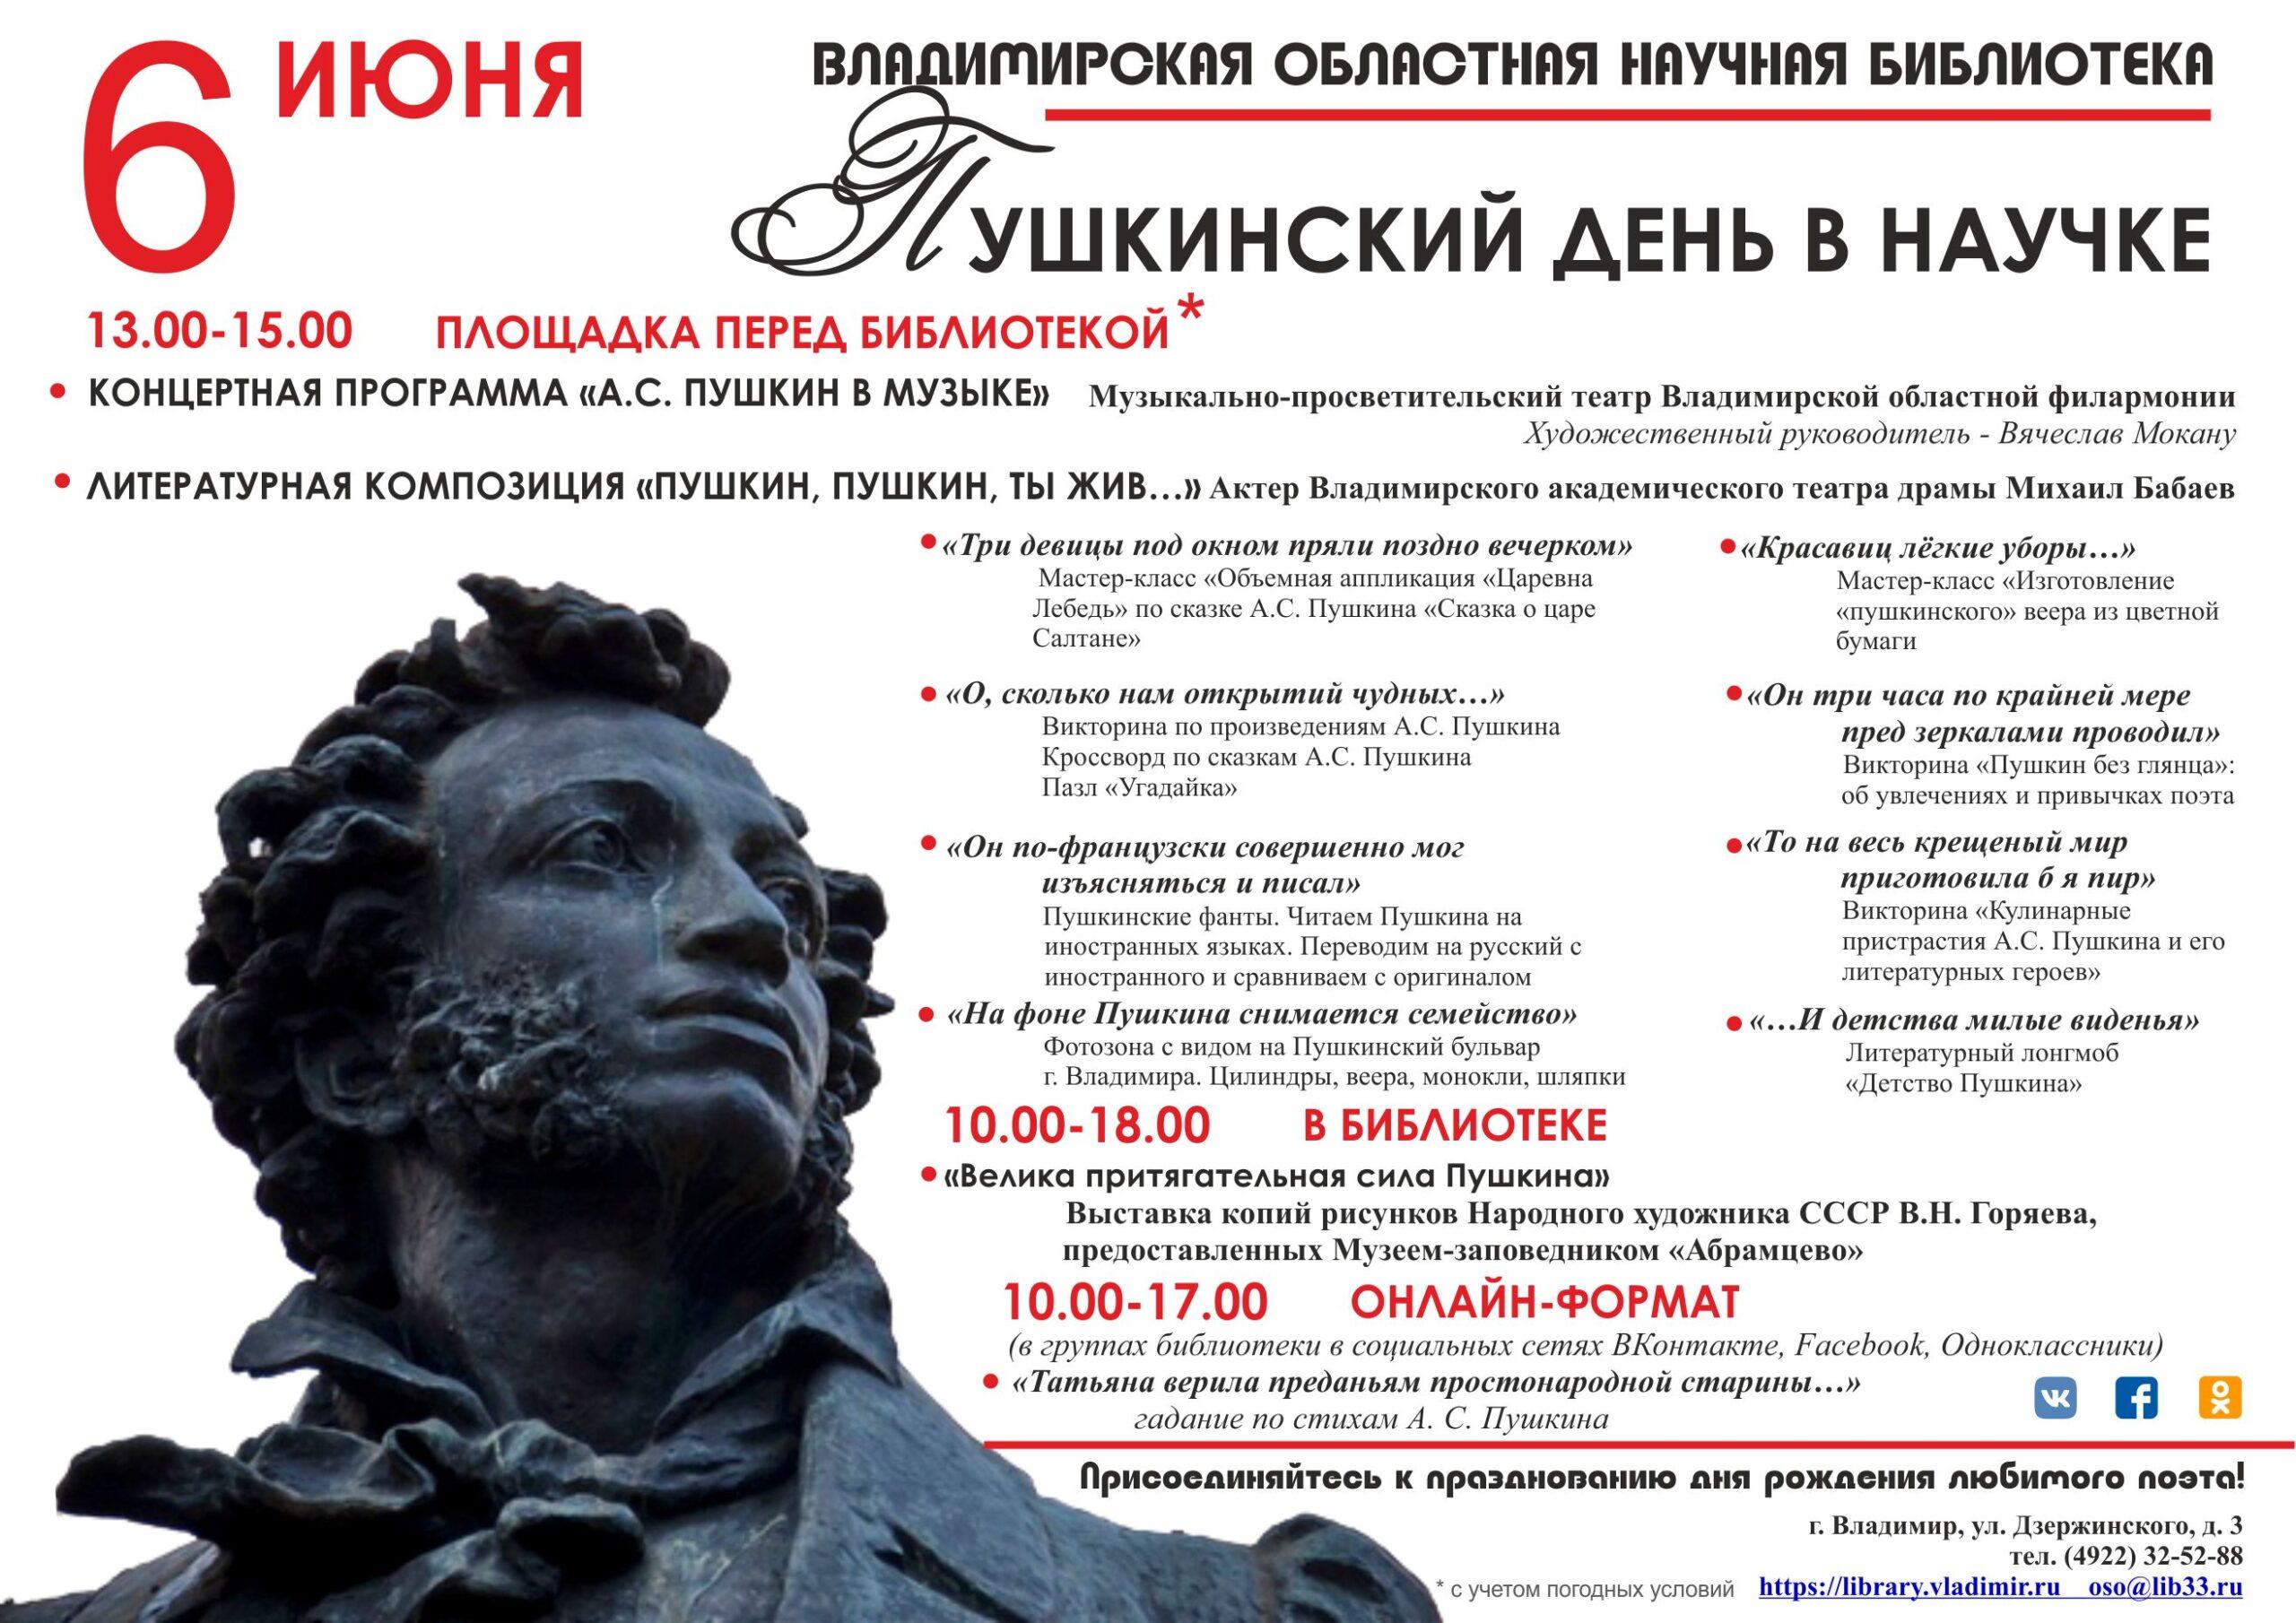 Пушкинский день в научке. Афиша